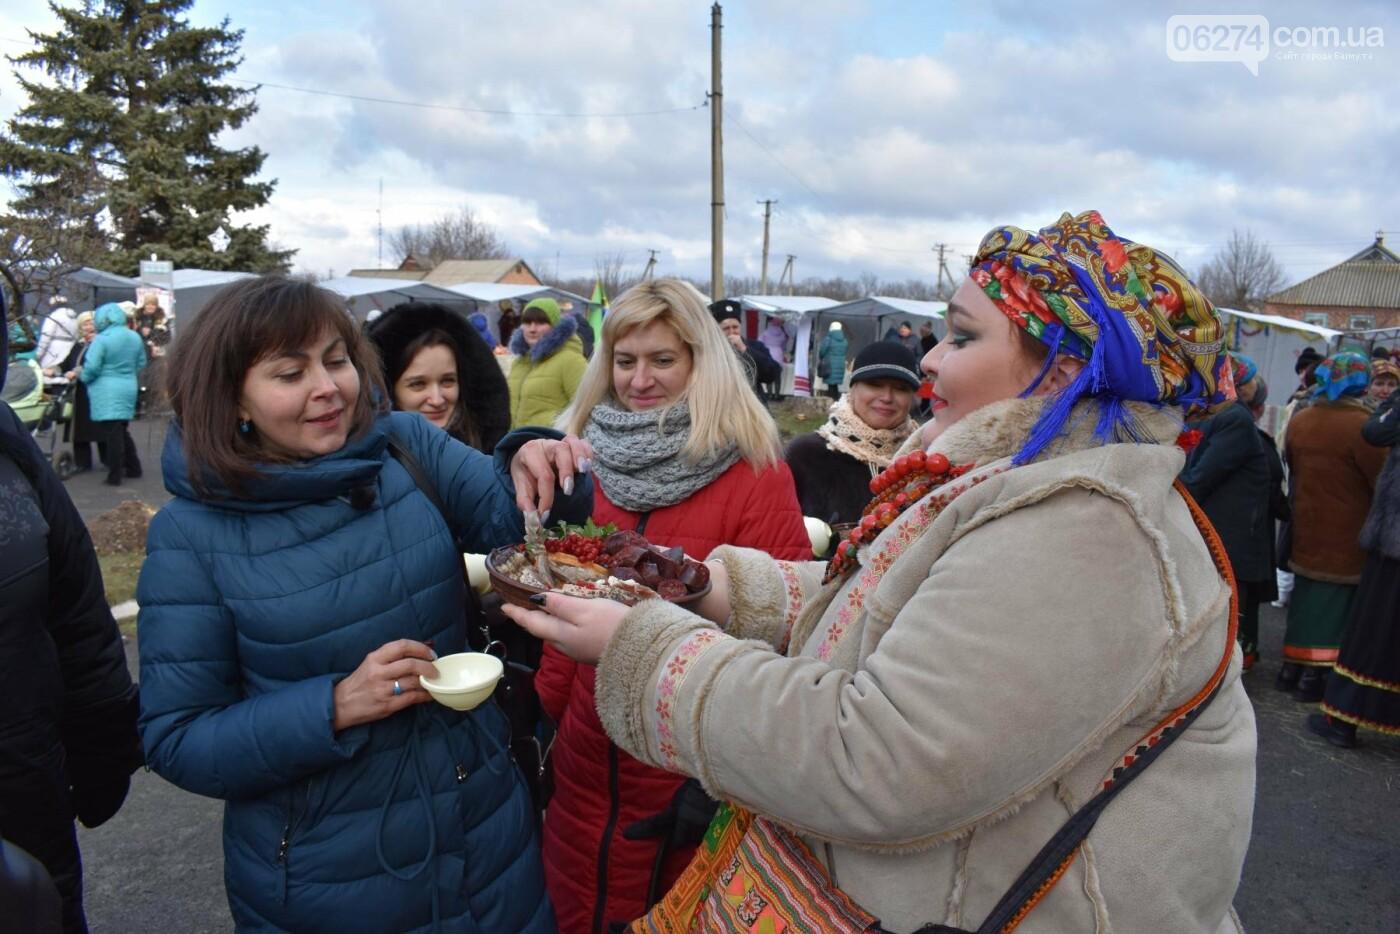 Бахмутские коллективы приняли участие в фестивале вертепов «Рождественский перезвон», фото-15